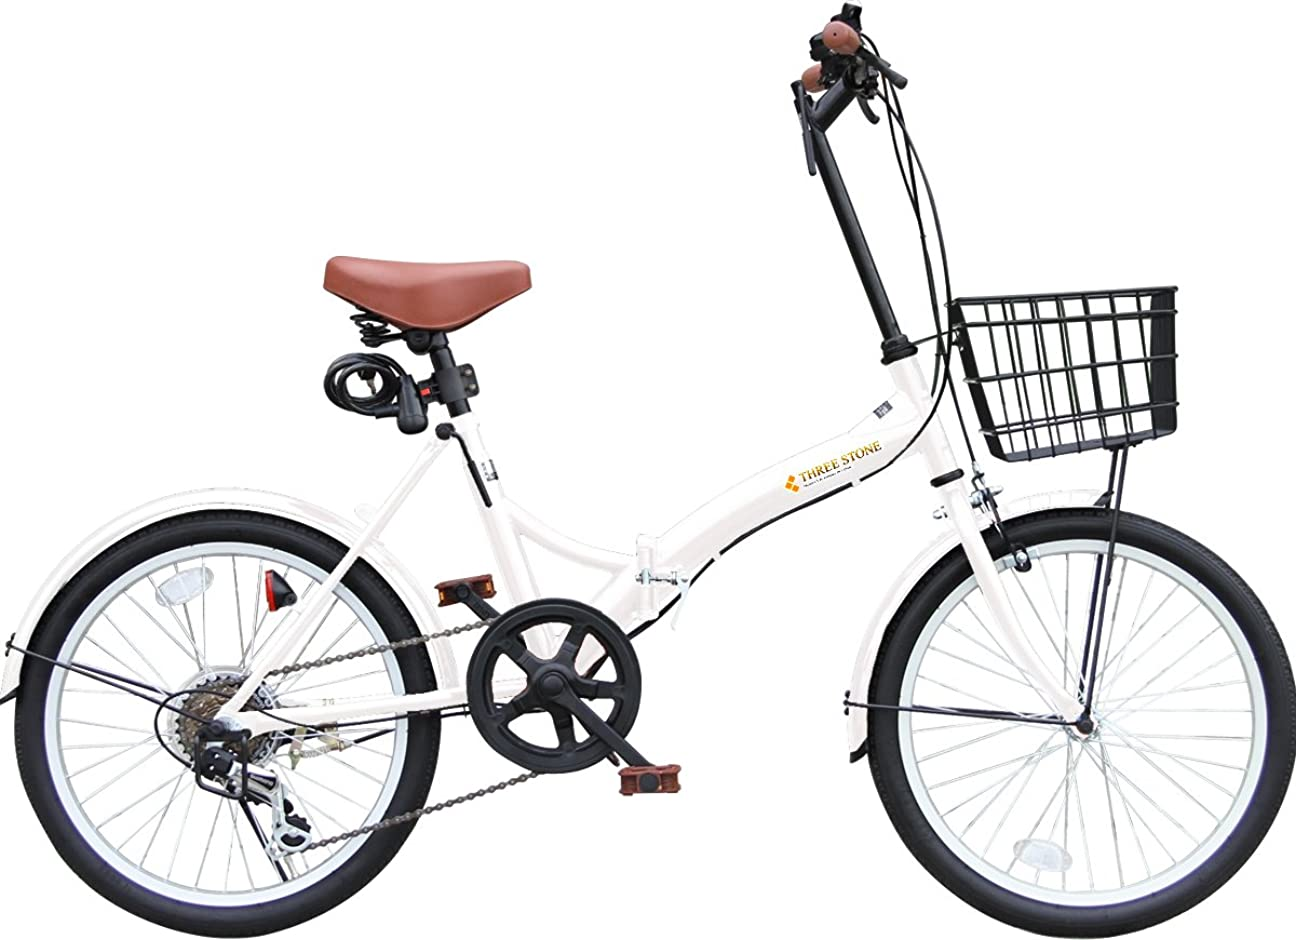 副産物ドアミラーポジションカゴ付 20インチ 折りたたみ自転車 P-008-T おしゃれなS字フレーム シマノ外装6段ギア フロントLEDライト?ワイヤーロック錠付き (ミニベロ/折り畳み自転車/軽快車/自転車)